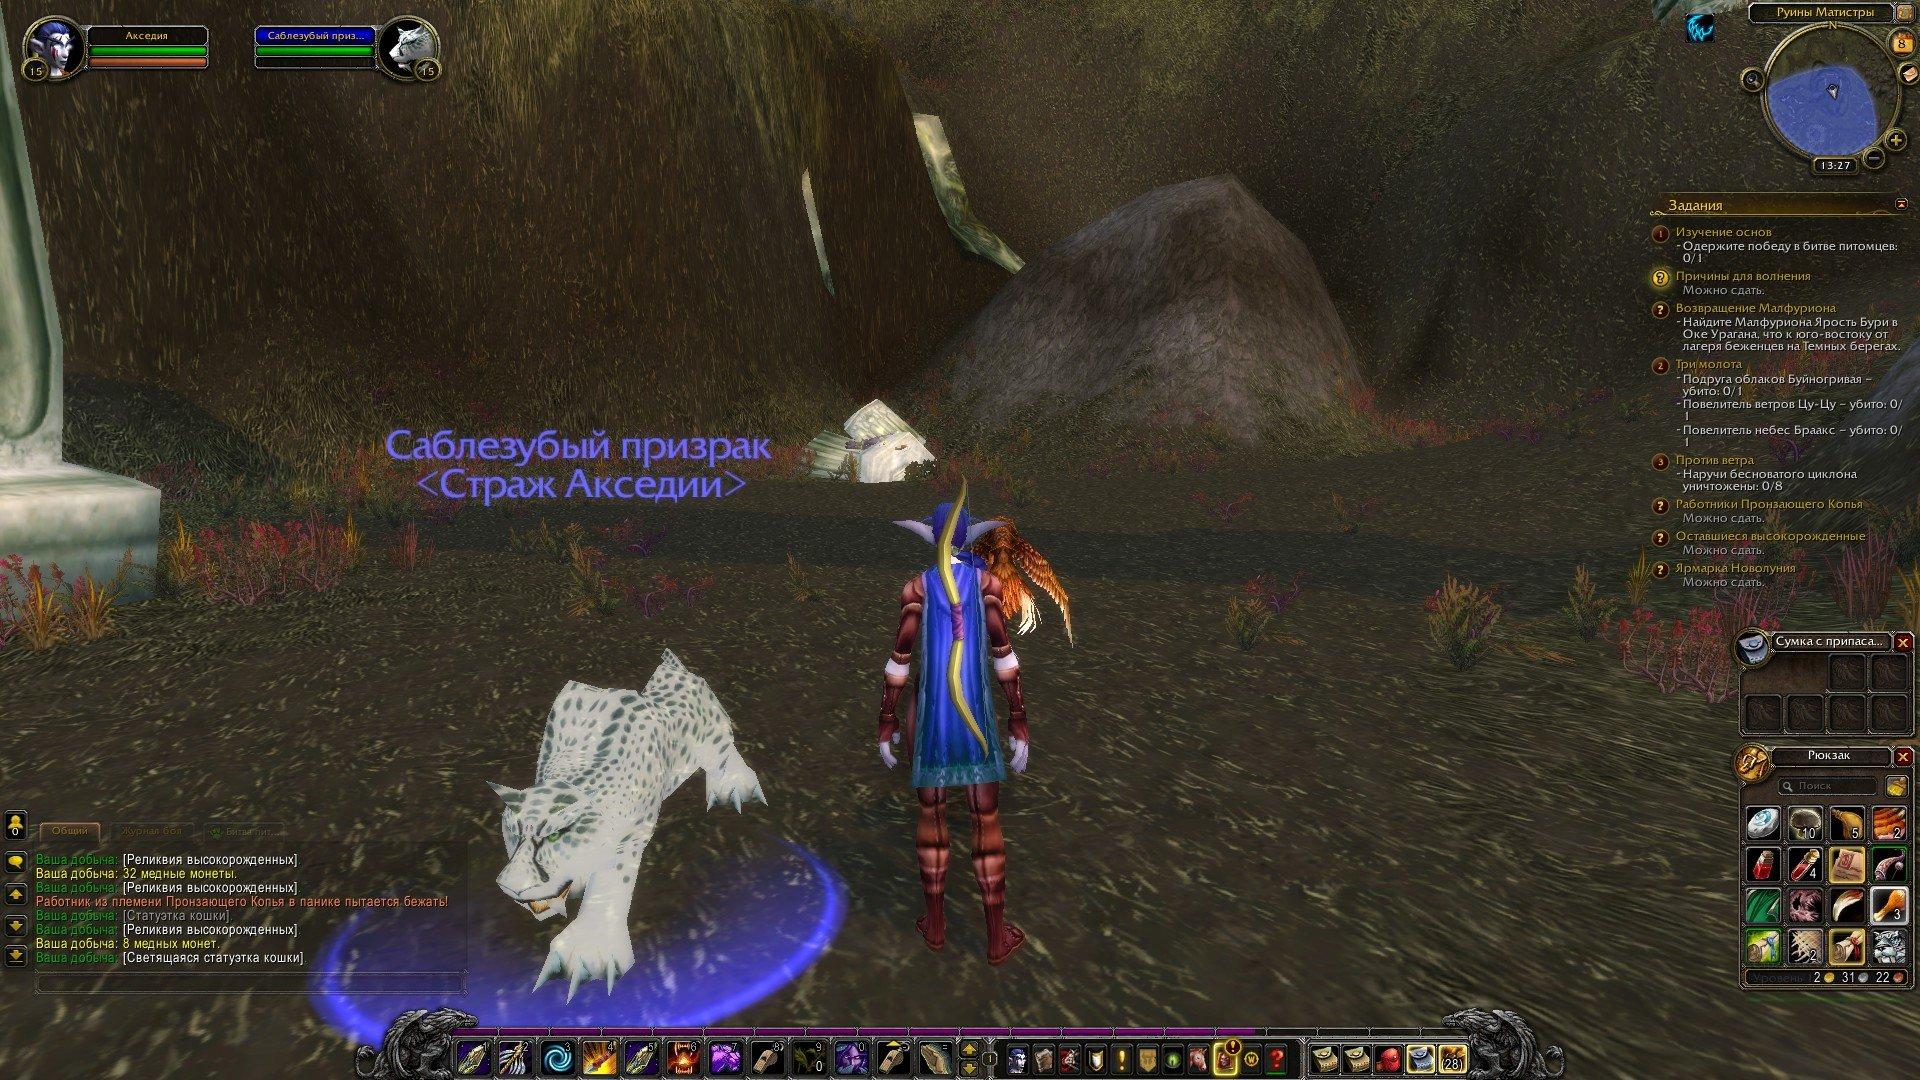 Путешествие по World of Warcraft ... Ночной Эльф. Глава 2 - Изображение 2